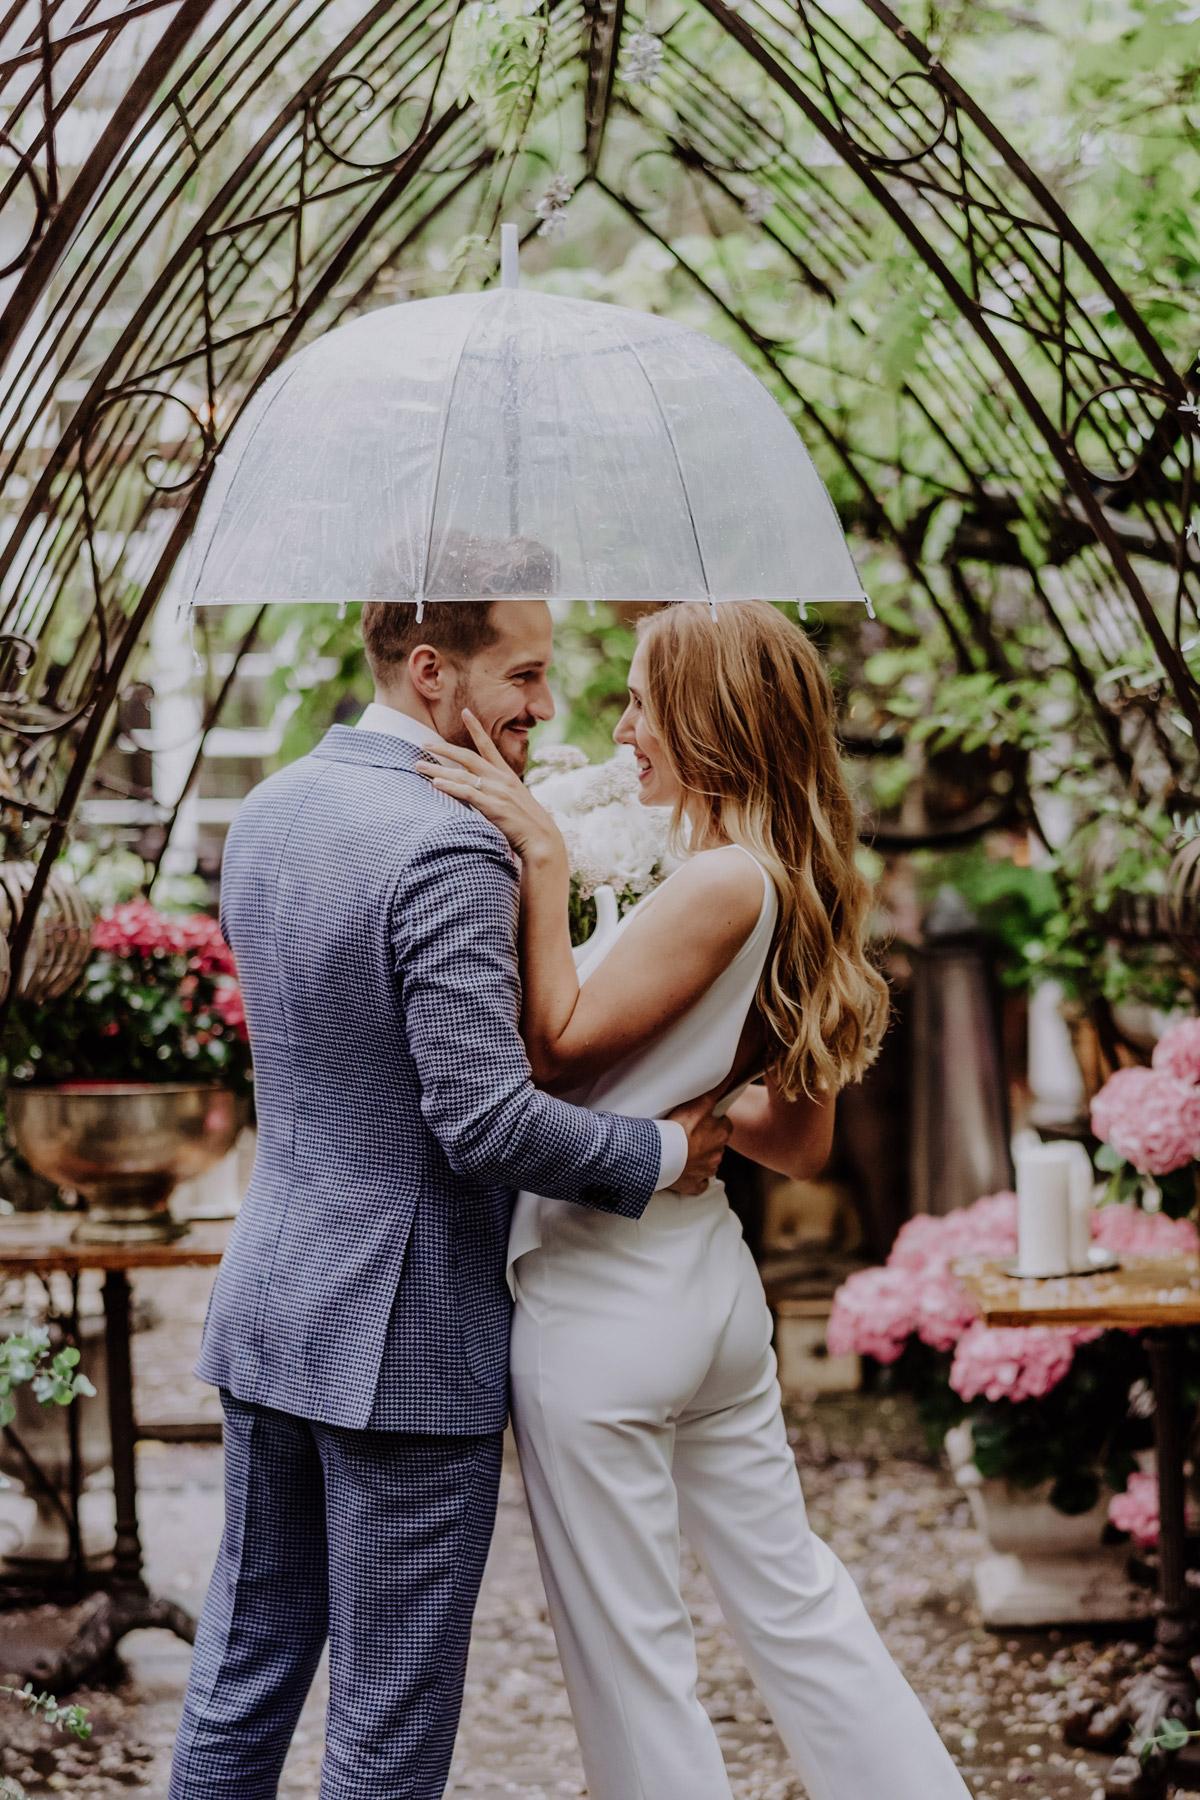 Hochzeit, Regen und Fotoshooting? Bereitet euch nicht nur mit Regenschirm auf euer Brautpaarshooting vor! Foto Ideen und Tipps zur Regenhochzeit; boho Hochzeit mit transparentem Schirm und boho Brautstrauß; Standesamt Hochzeit Hochzeitsfotografin Berlin © www.hochzeitslicht.de #hochzeitslicht #hochzeit #regenschirm #standesamt